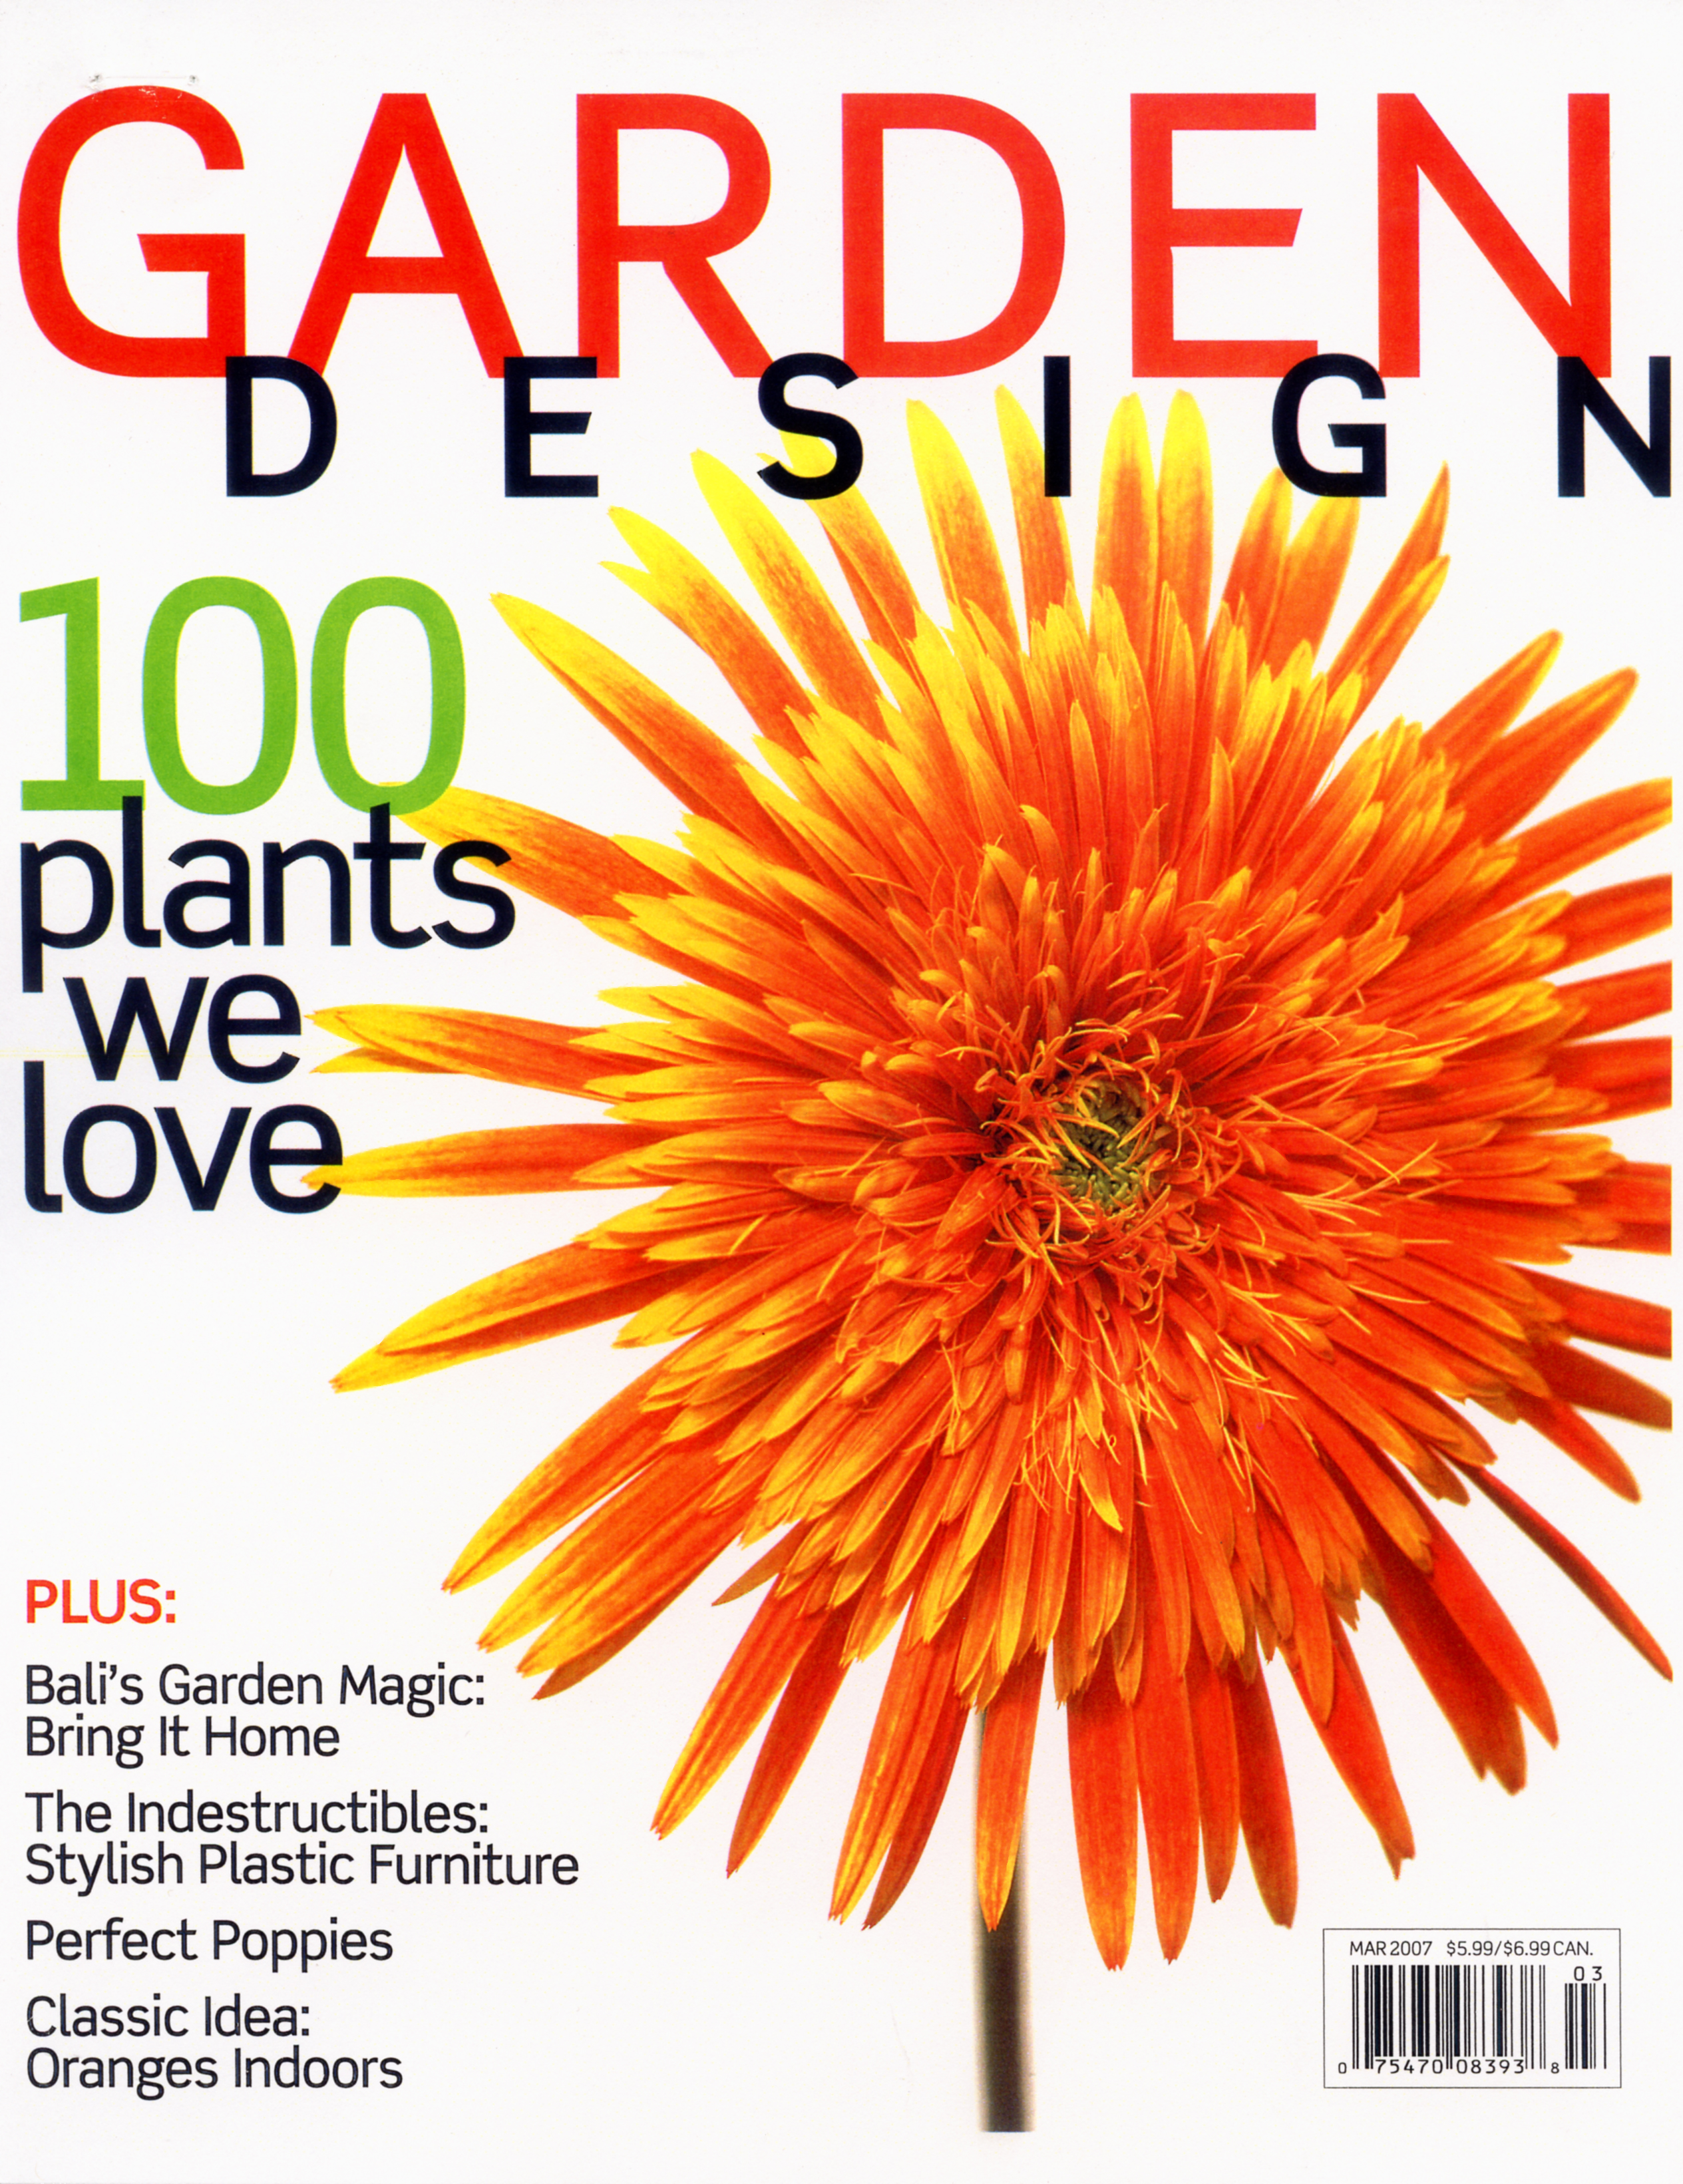 2007_garden design_mar 2